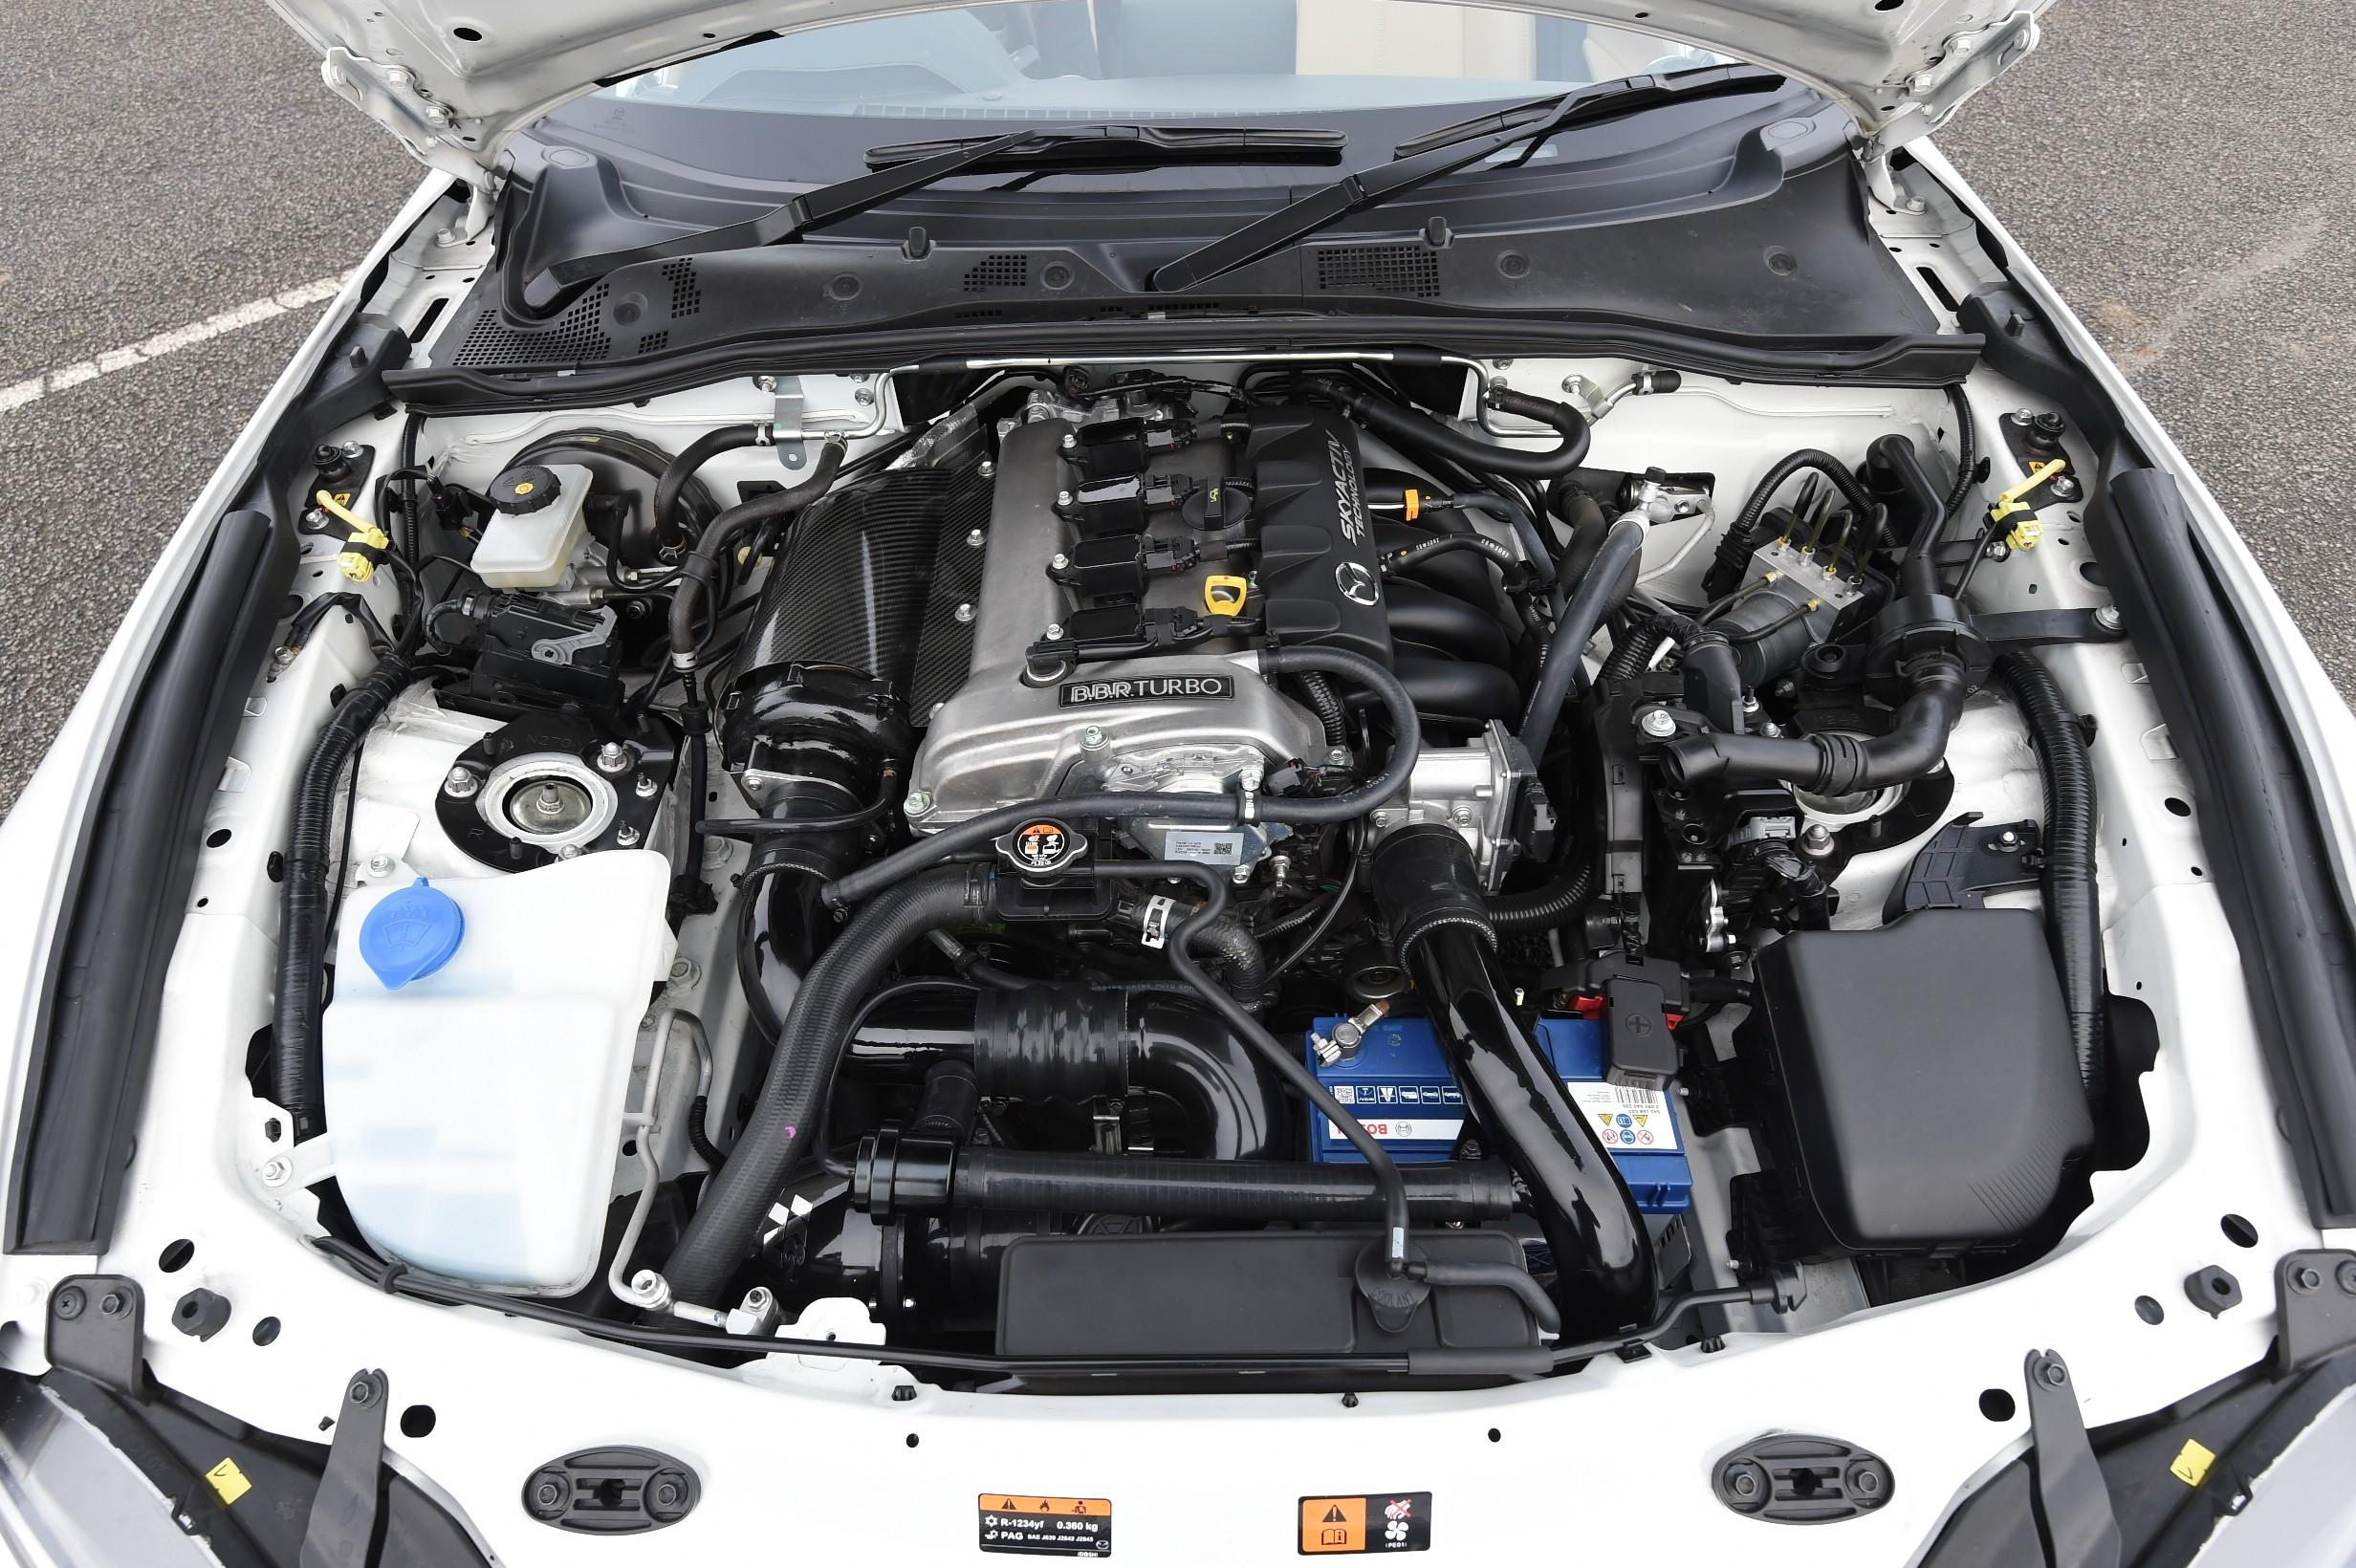 ... BBR Stage 1 Turbo Upgrade For Mazda MX 5 With 1.5 Liter SkyActiv